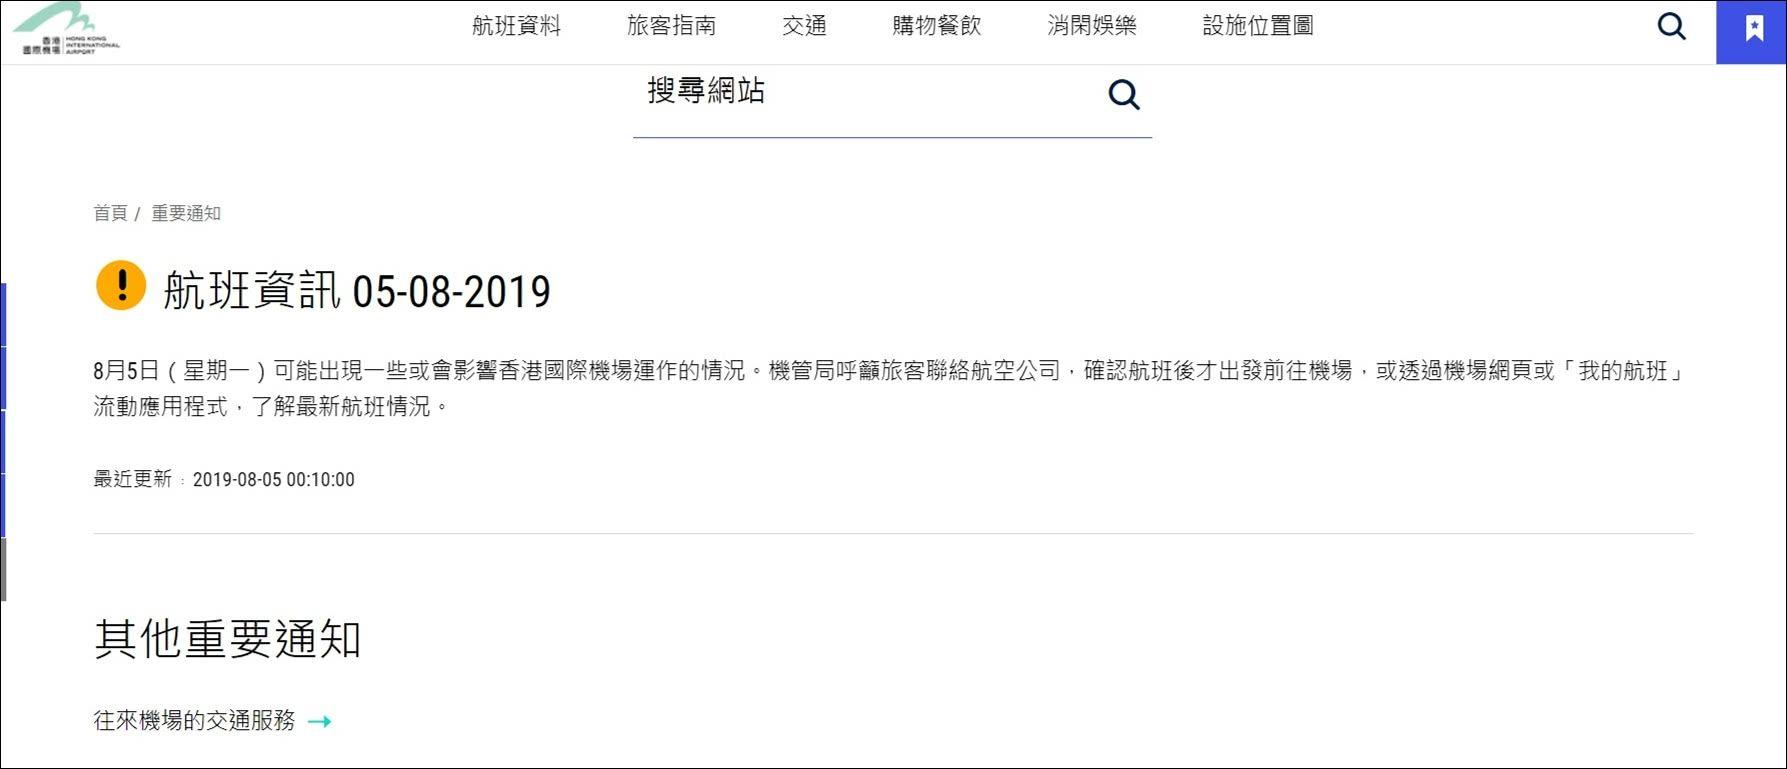 香港机场约170个航班取消 往来内地航班受影响